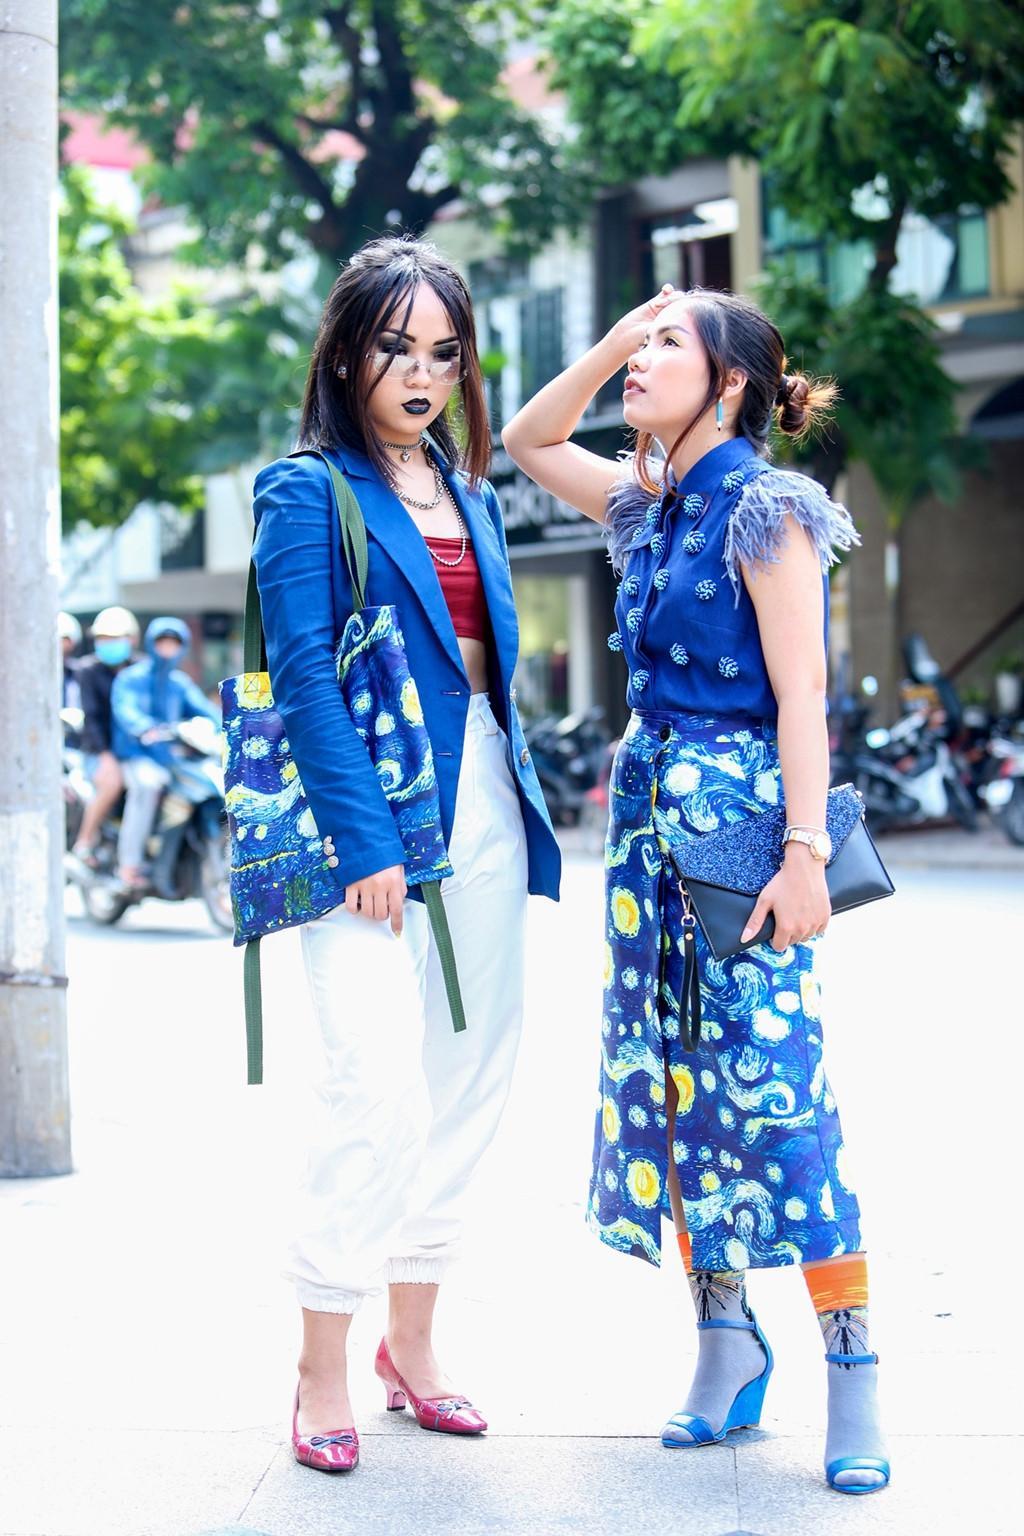 Tín đồ thời trang Sài Gòn mặc quái dị thậm chí phản cảm nhưng cũng đáng suy ngẫm Ảnh 14